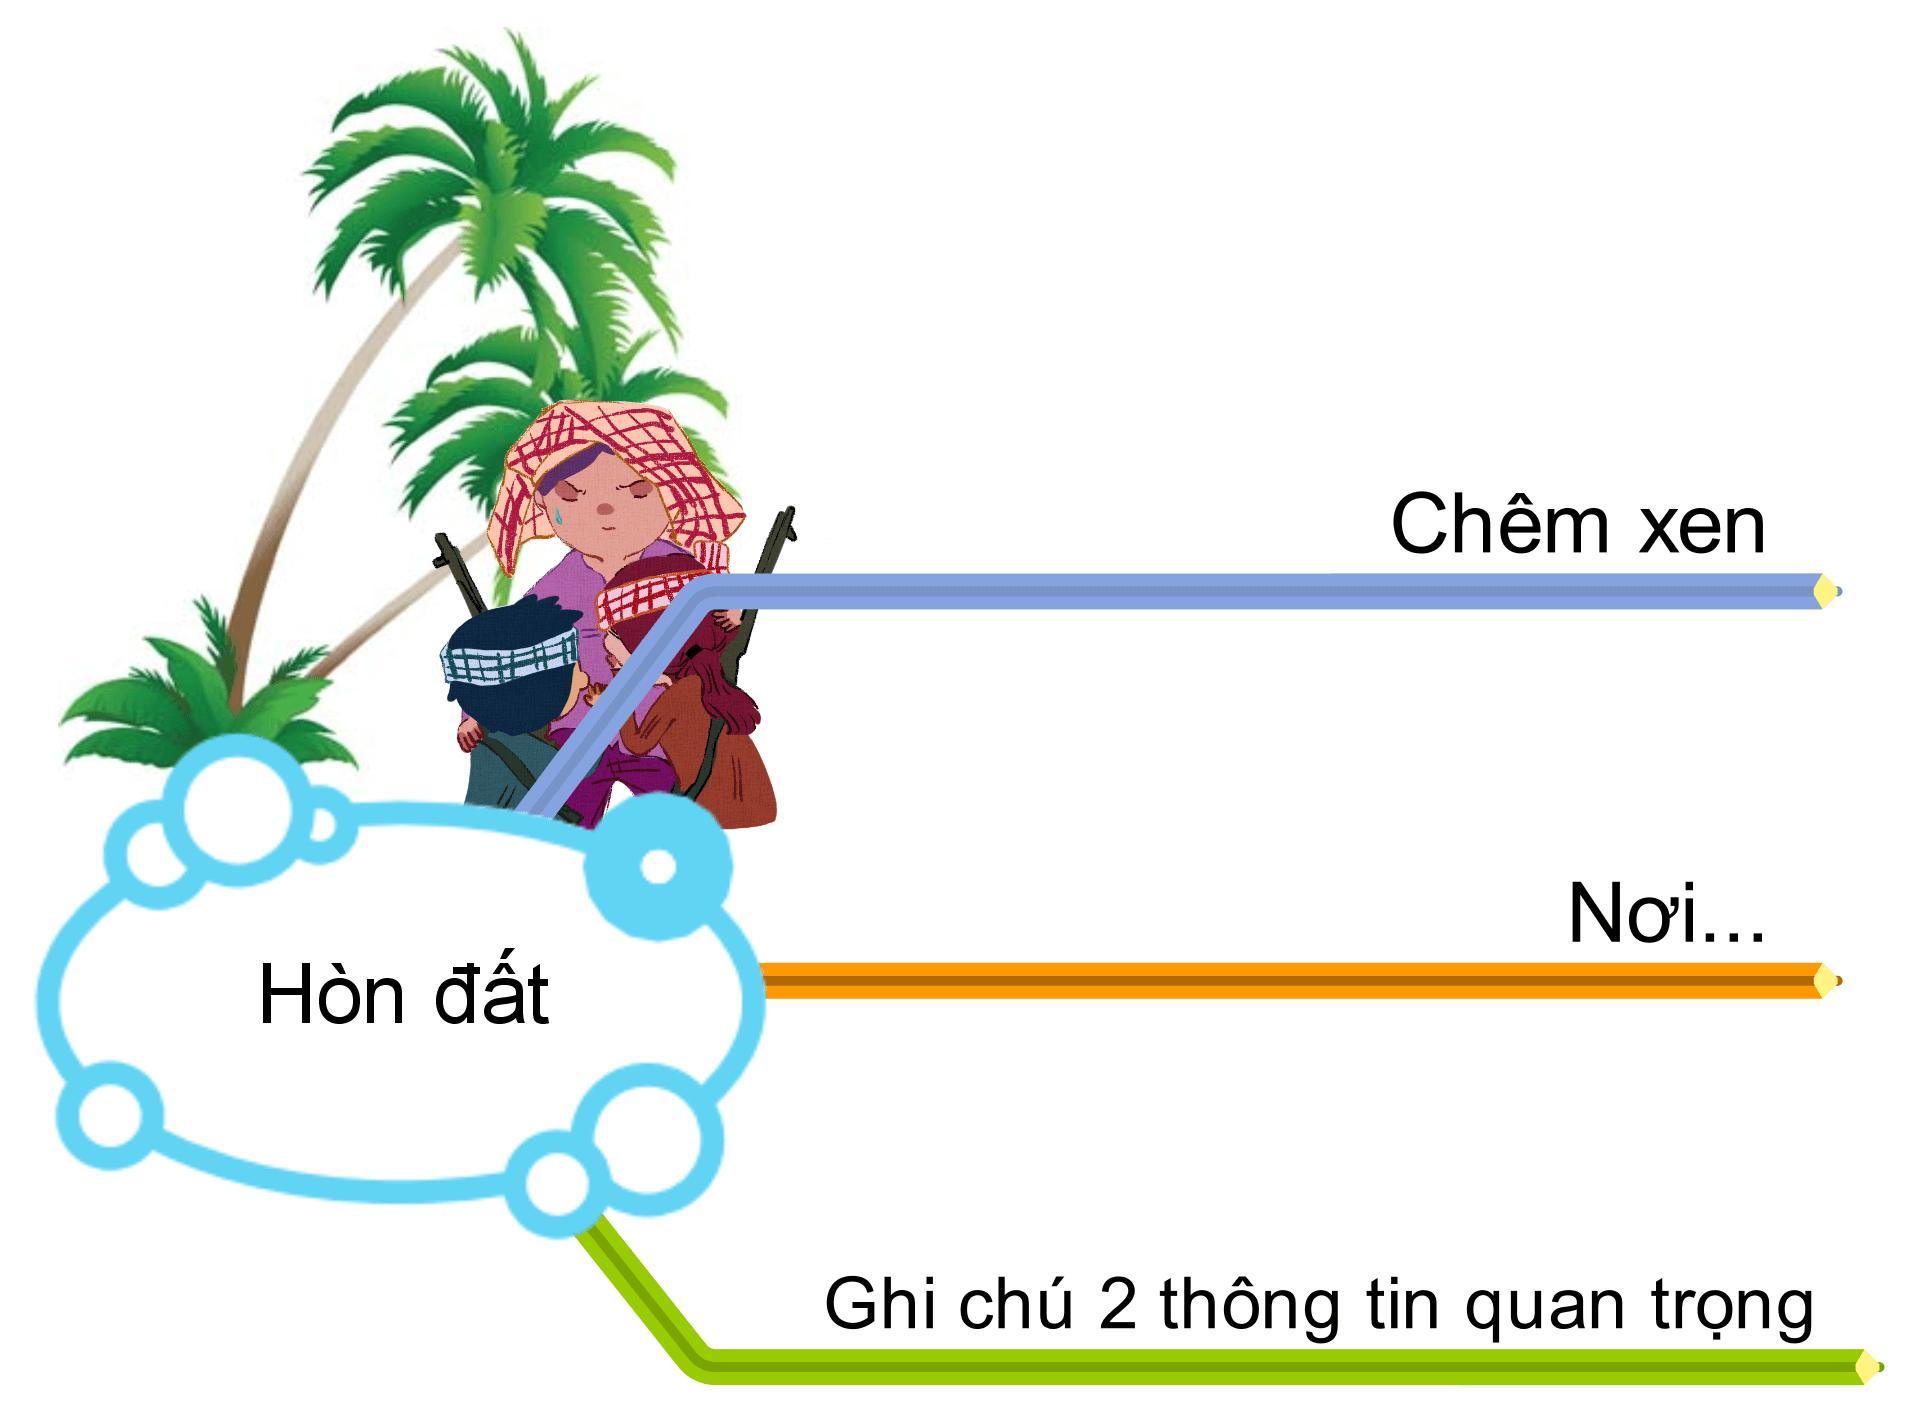 hon-dat